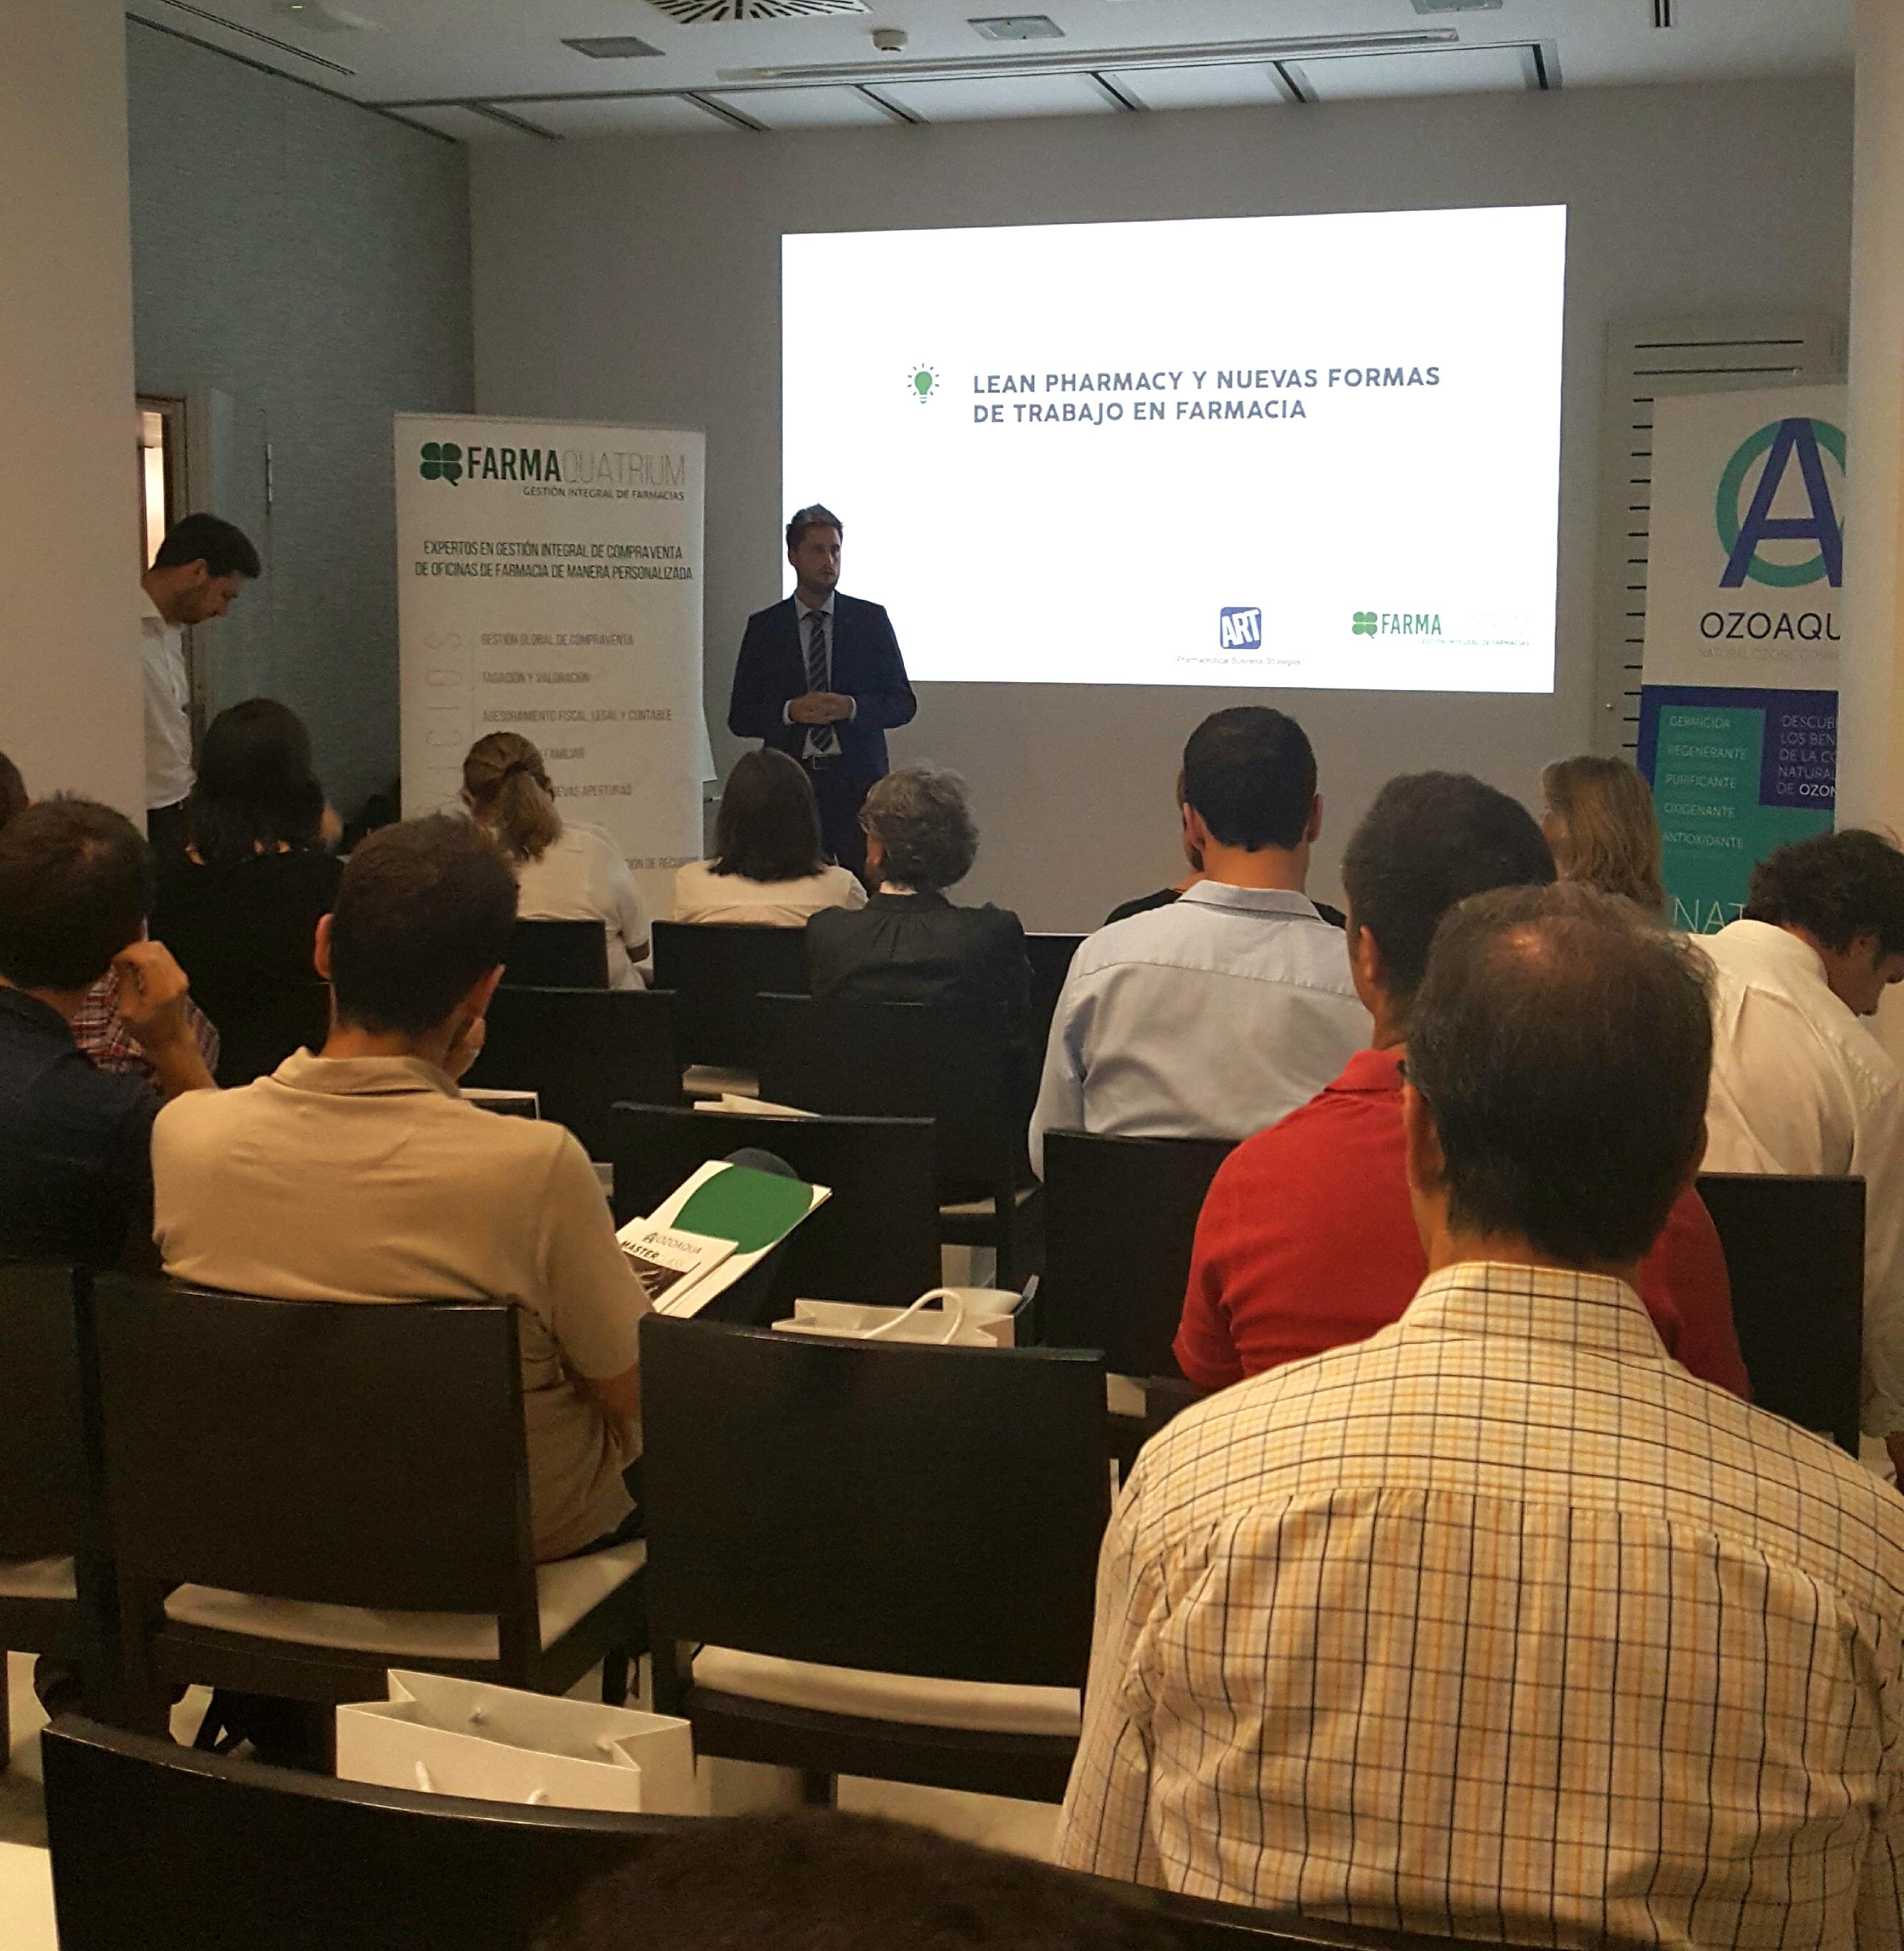 Masterclass de farmaquatrium en barcelona sobre los for Trabajo de interna en barcelona